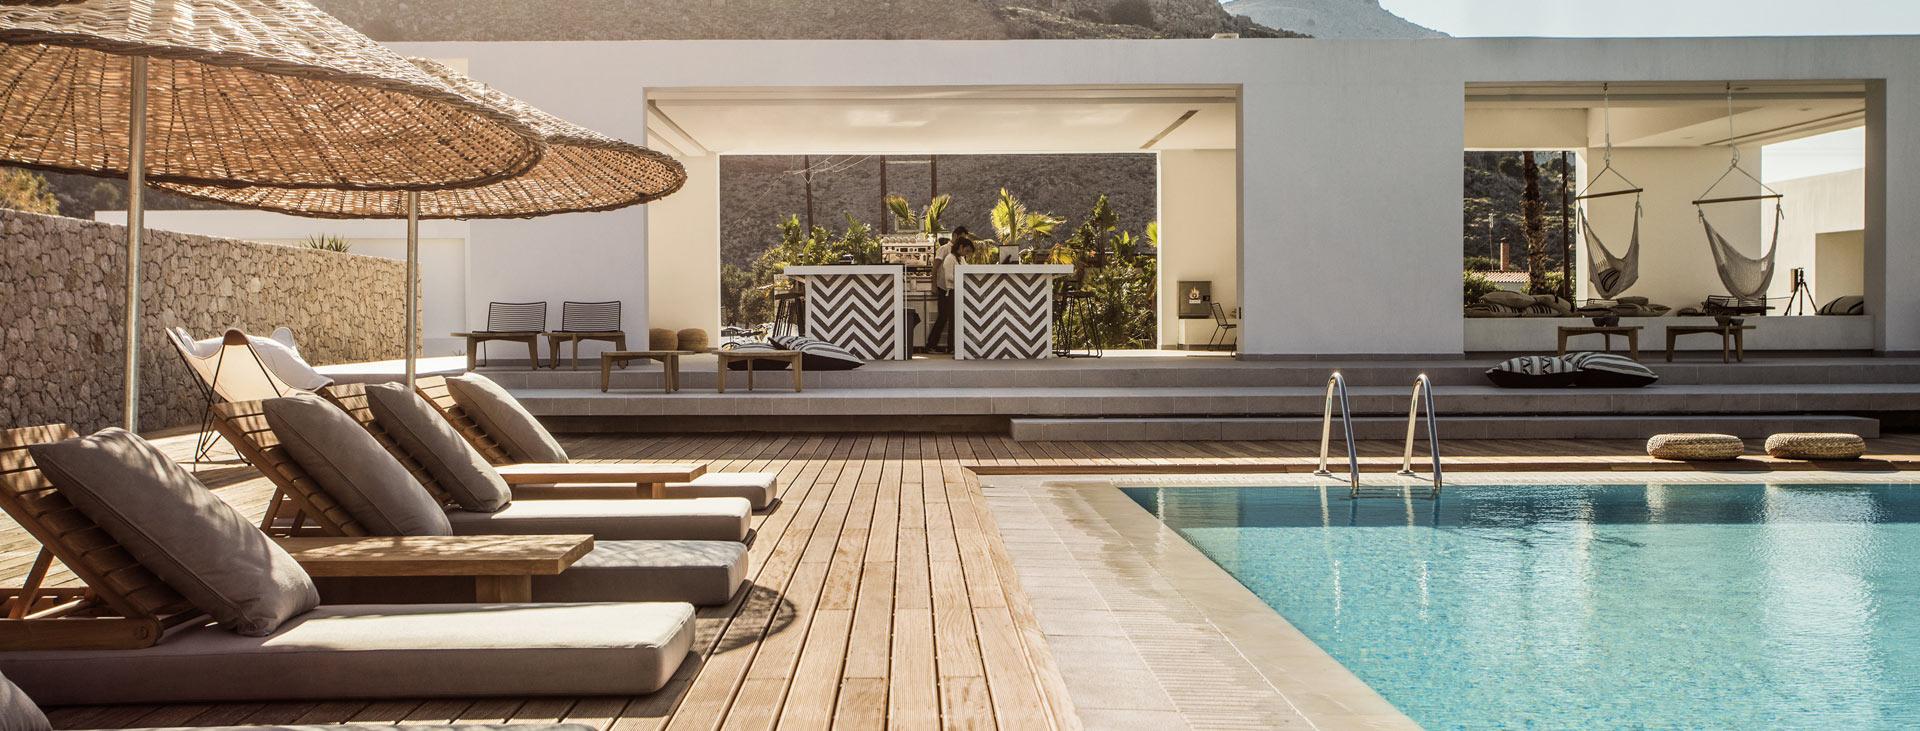 Casa Cook Rhodes, Kolymbia, Rhodos, Grekland